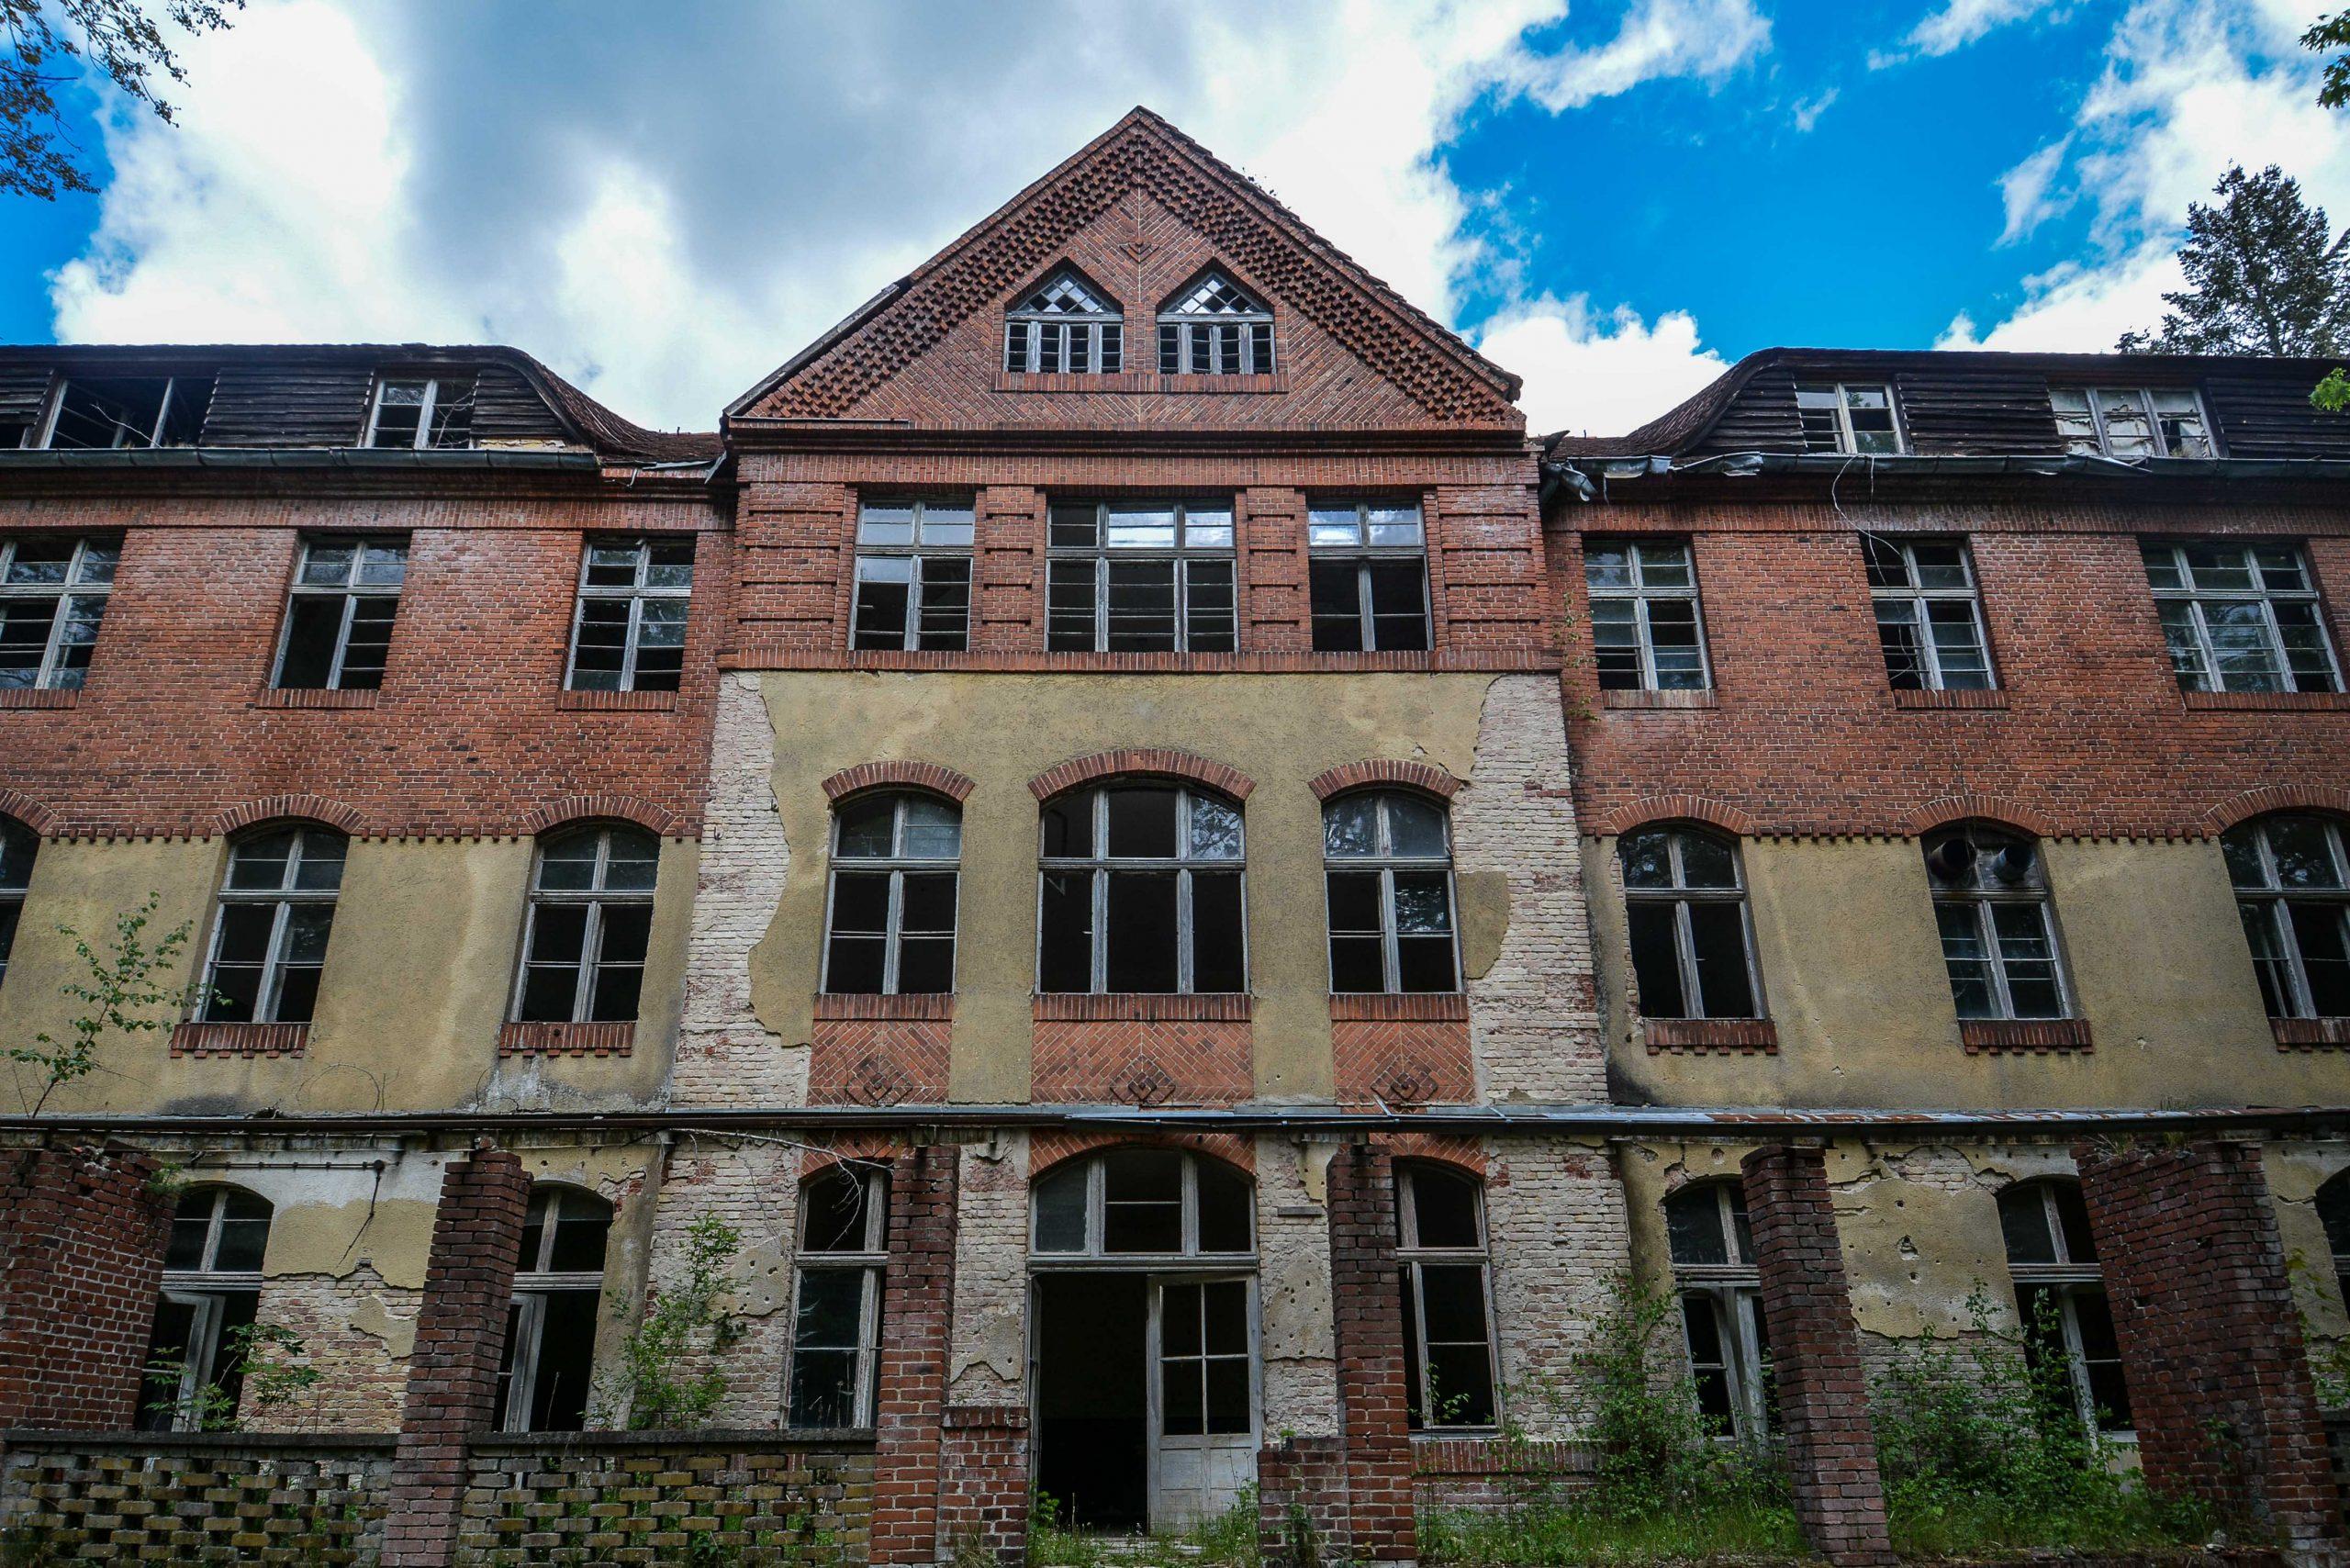 sanatorium wing front entrance view tuberkulose heilstaette grabowsee sanatorium hospital oranienburg lost places abandoned urbex brandenburg germany deutschland